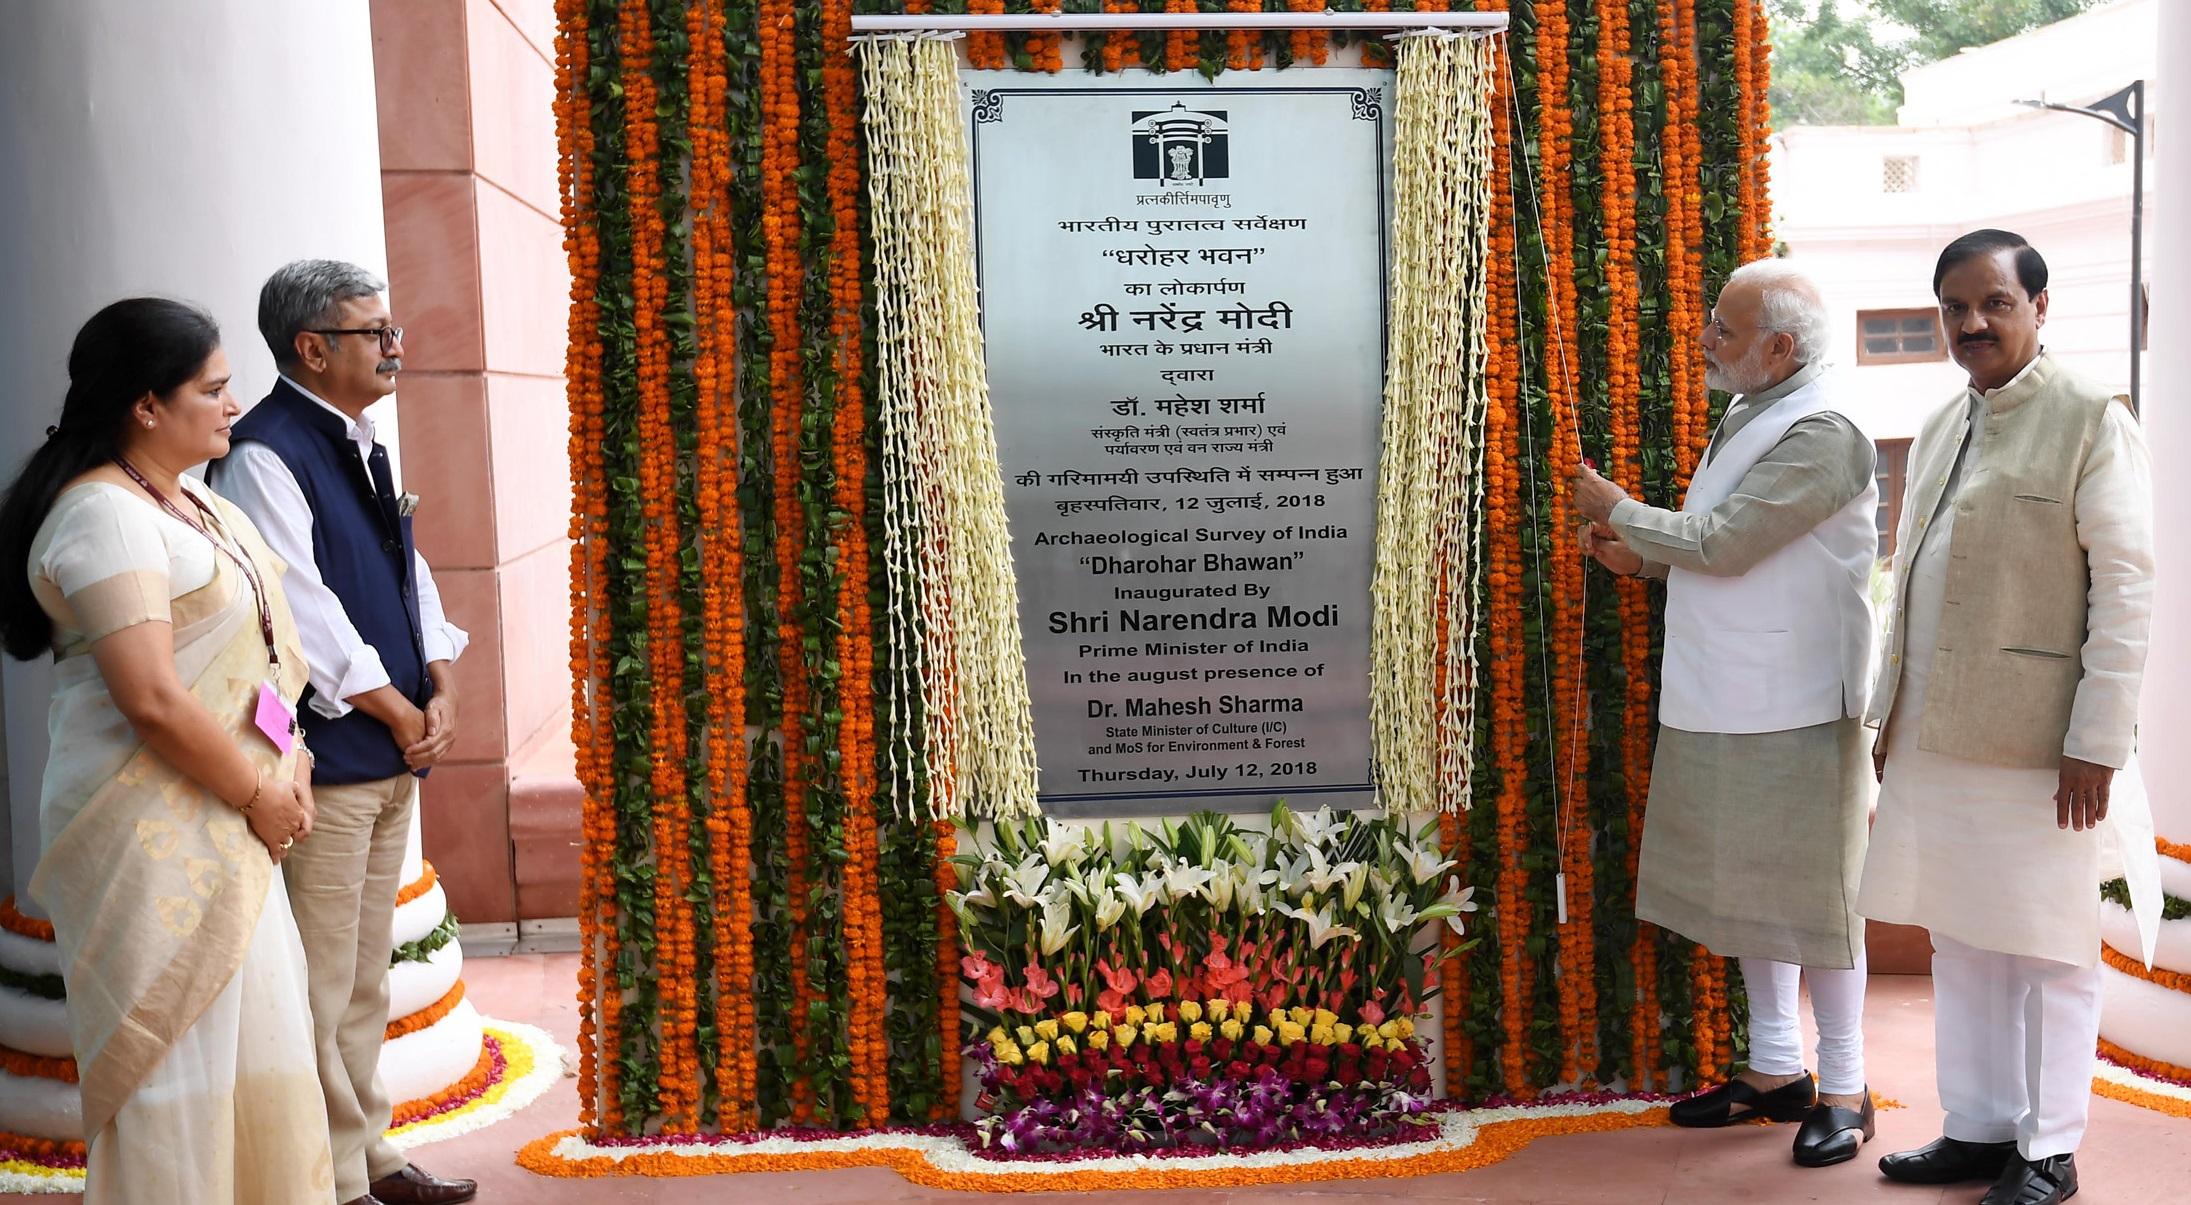 PM inaugurates Dharohar Bhawan